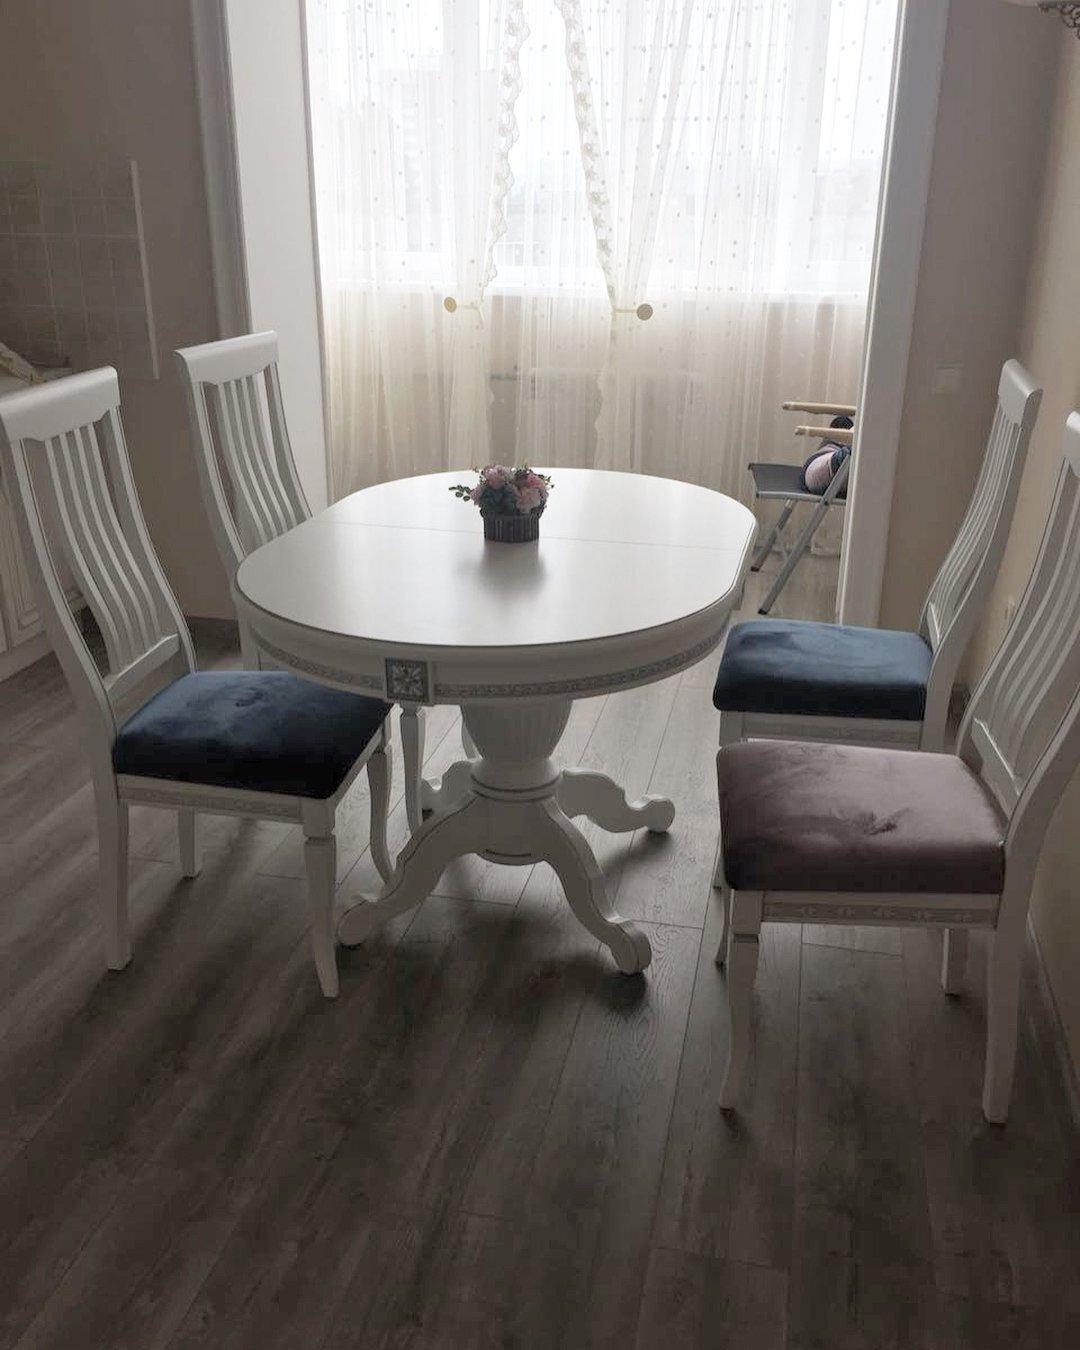 Овальный стол из массива бука цвет: белый Размер 90*130 (+50 ) см. - фото pic_e891a71cb84ca79_1920x9000_1.jpg